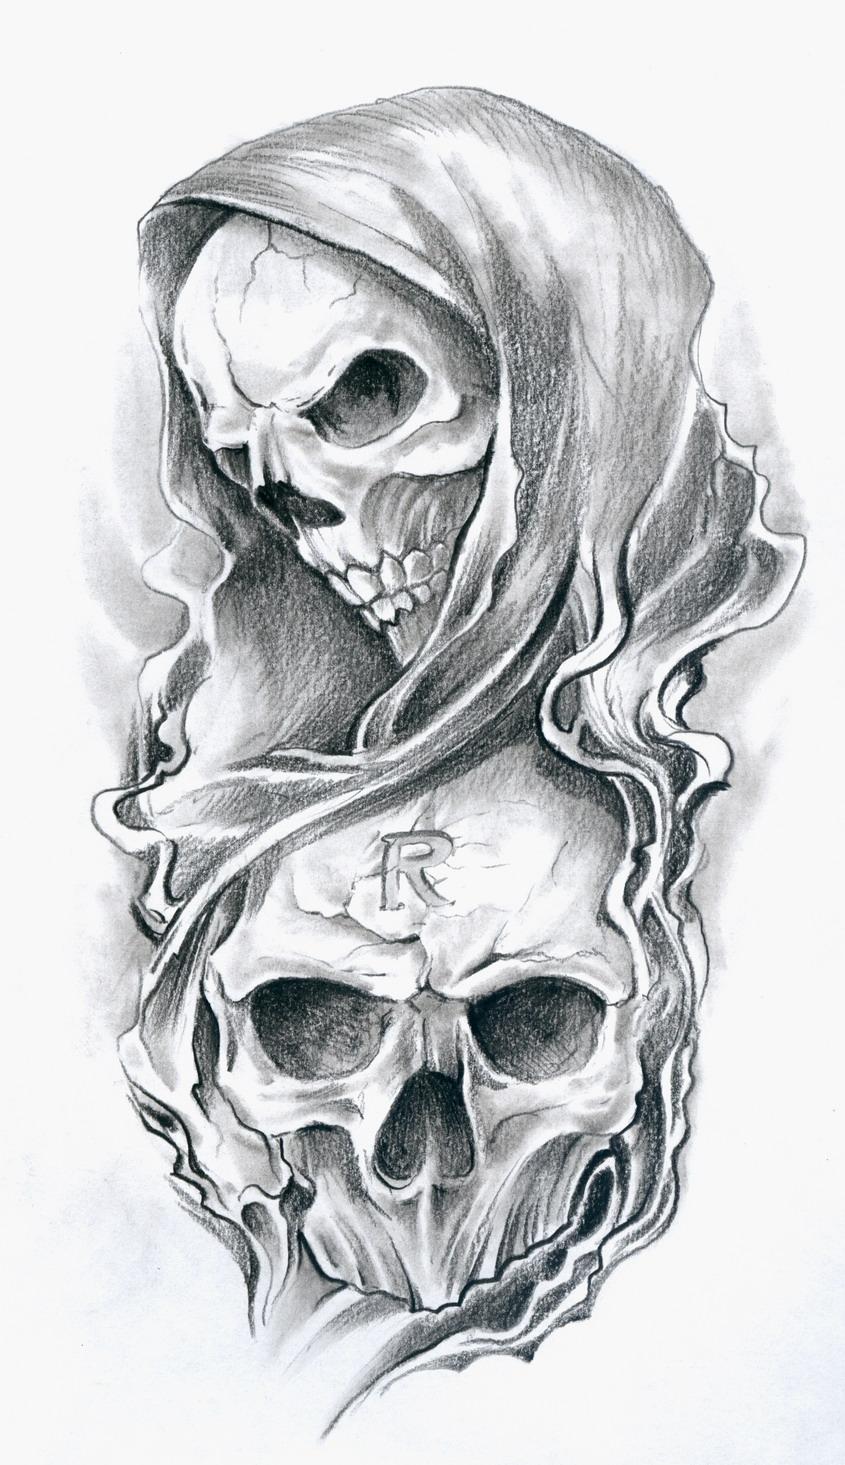 Drawn skull designer By on fpista fpista on